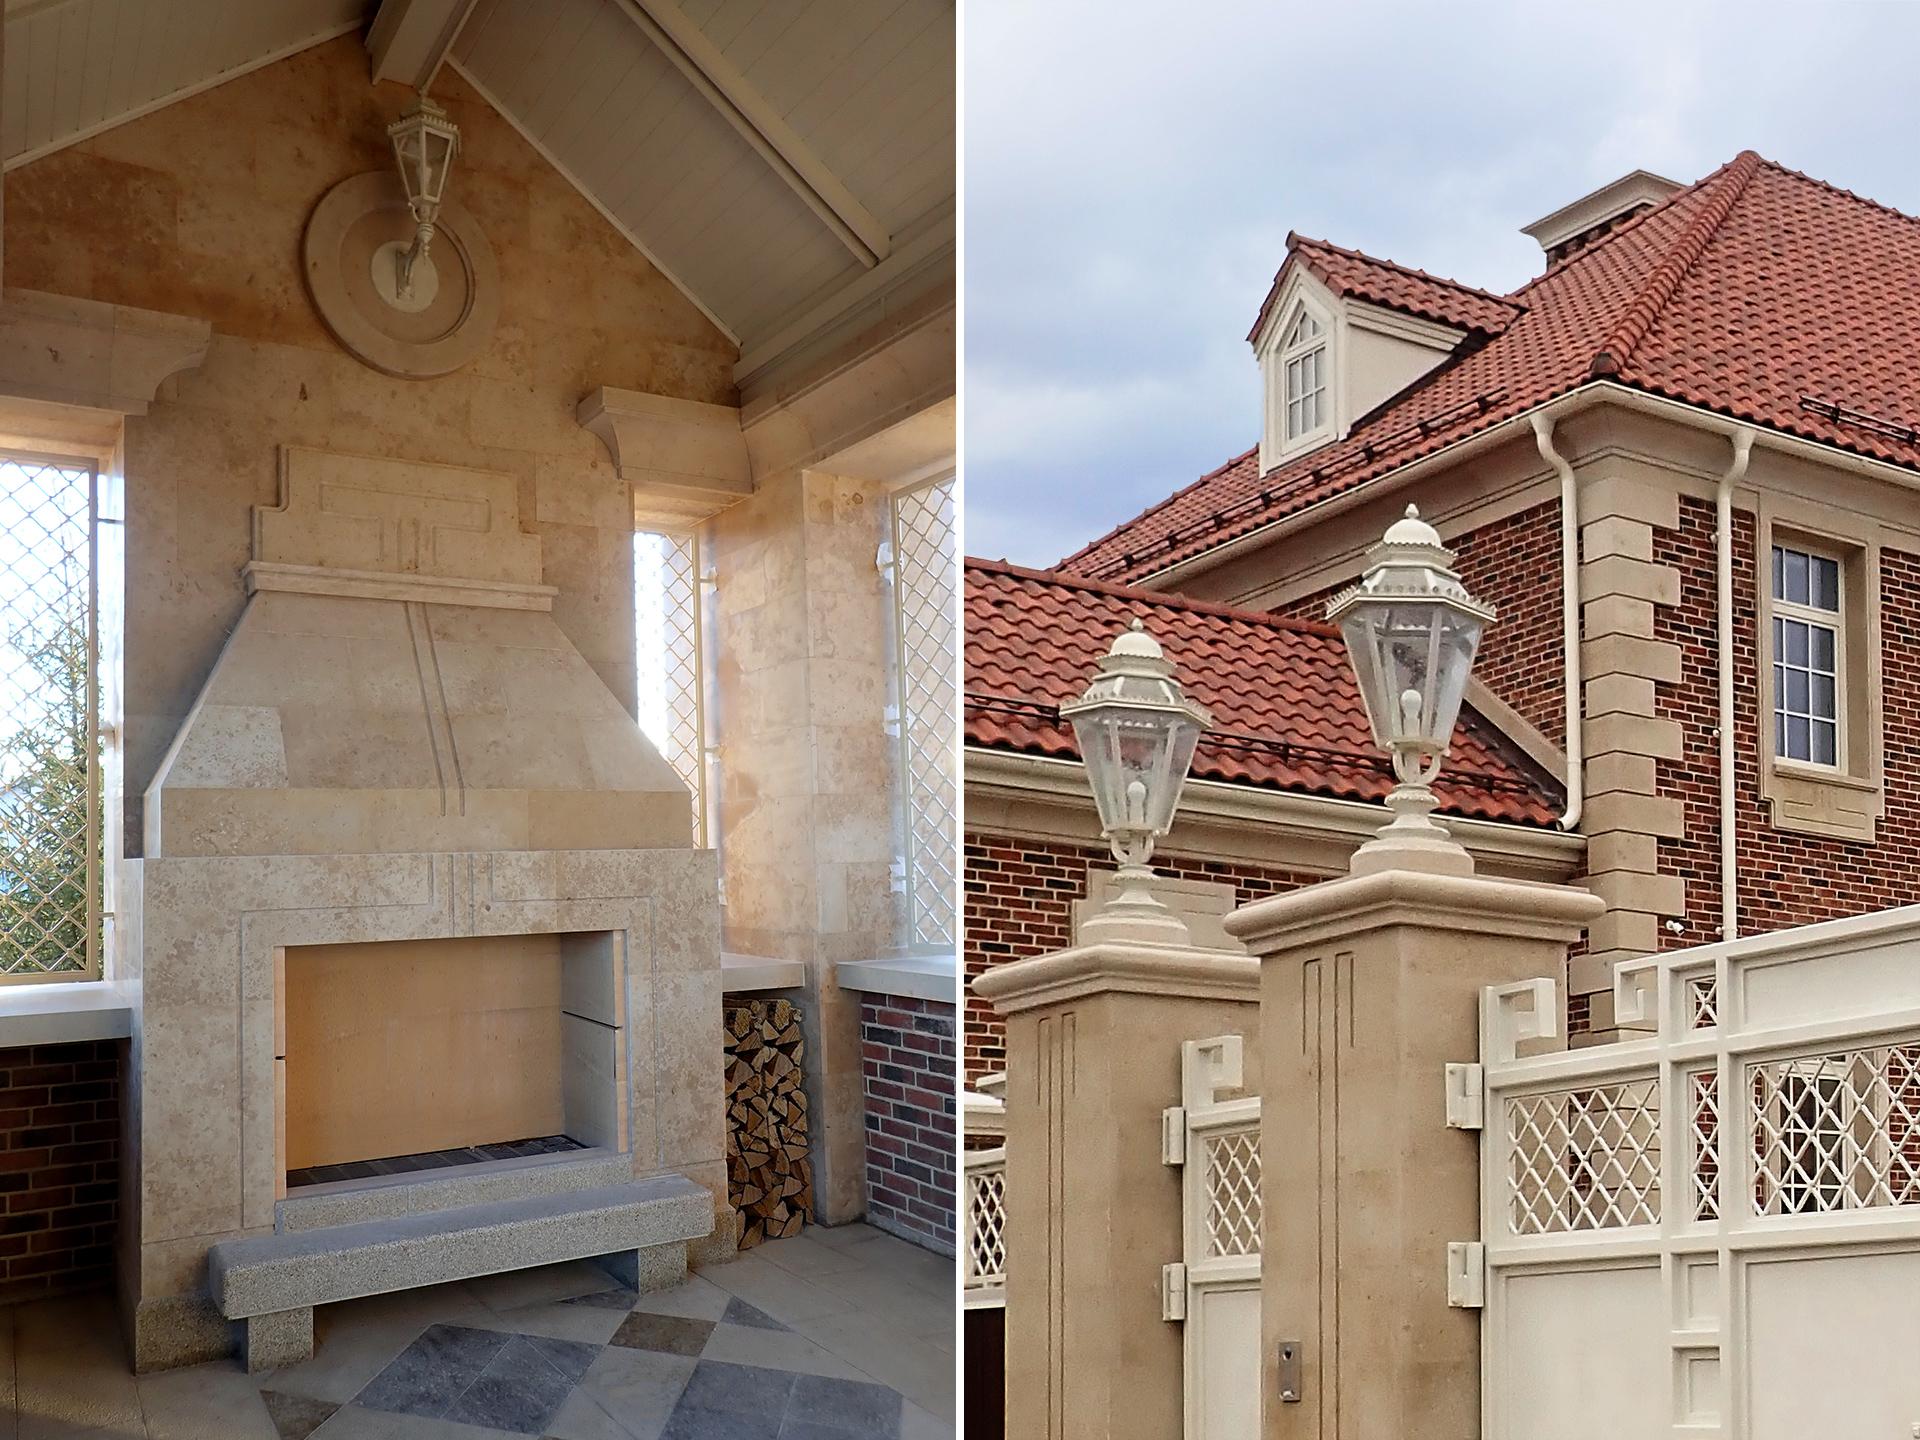 Частная резиденция. Камин на террасе и фонари (фото)